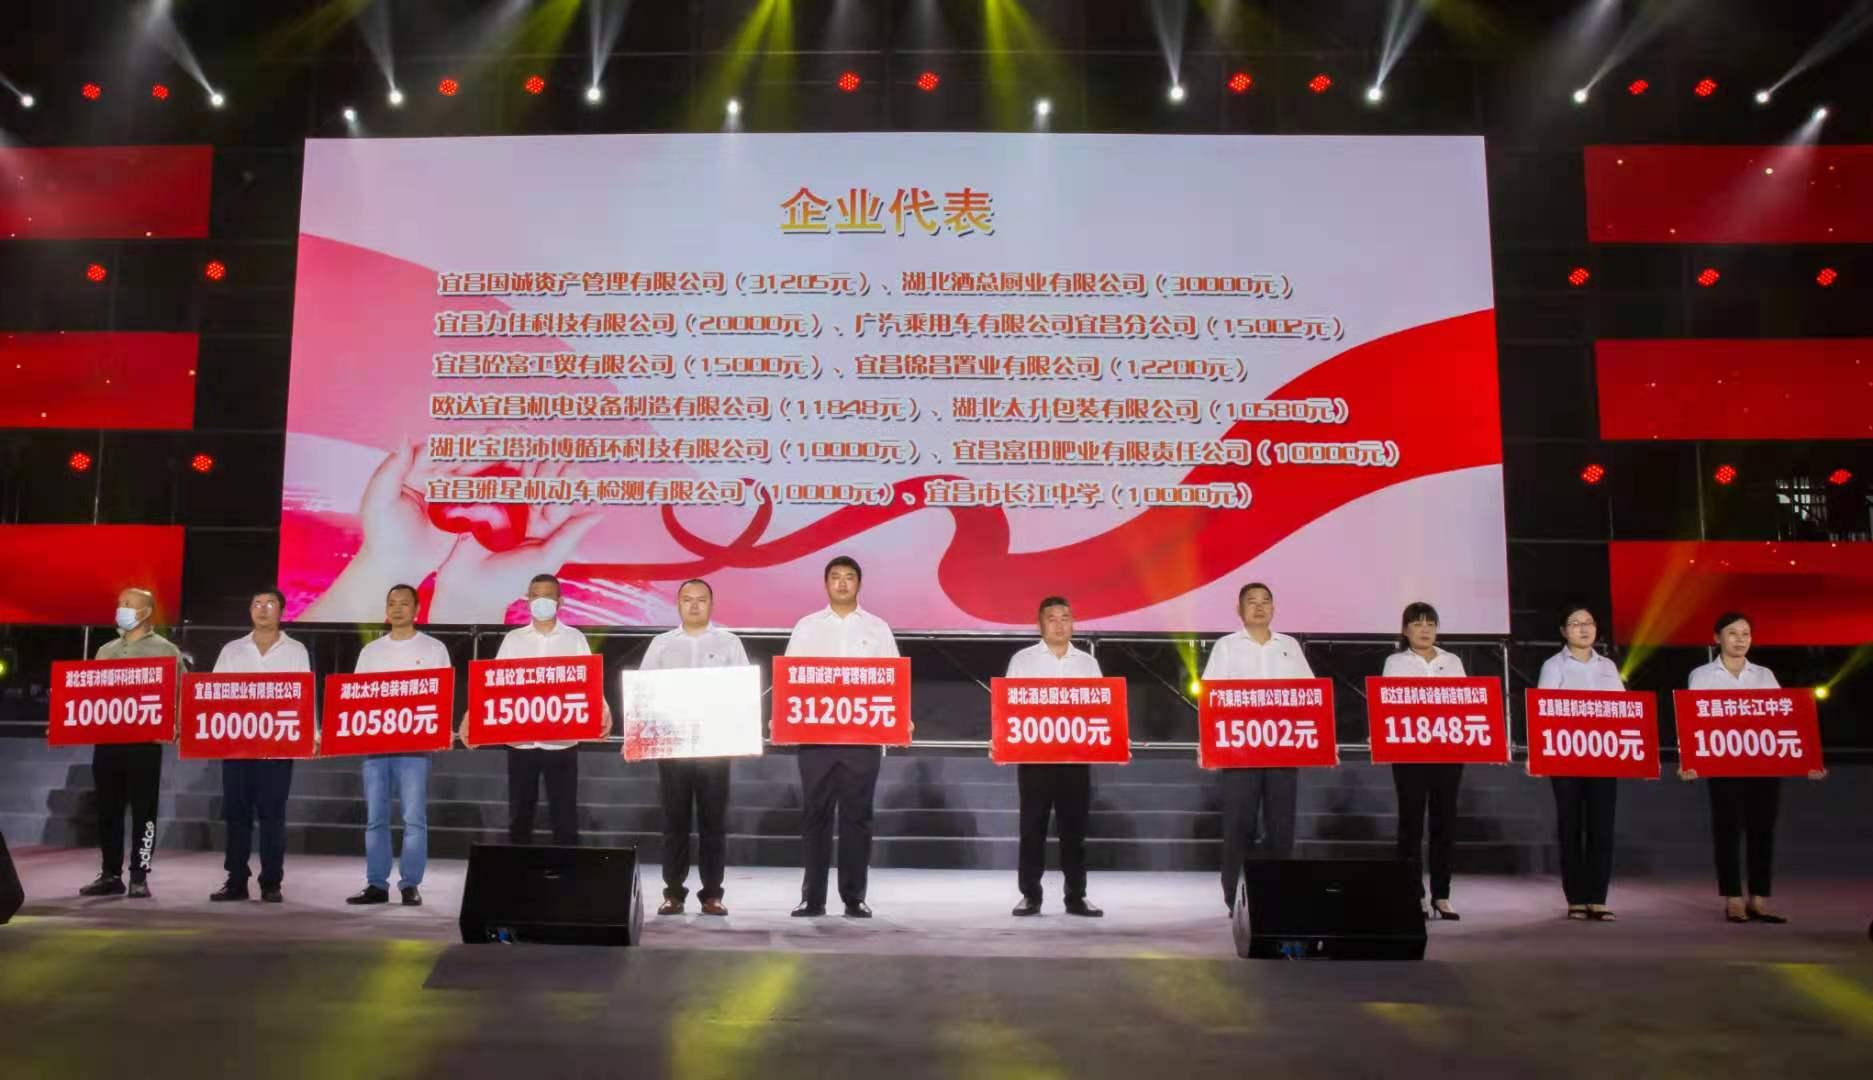 """2021年美丽猇亭""""慈善一日捐""""活动捐赠进度公告(一)"""